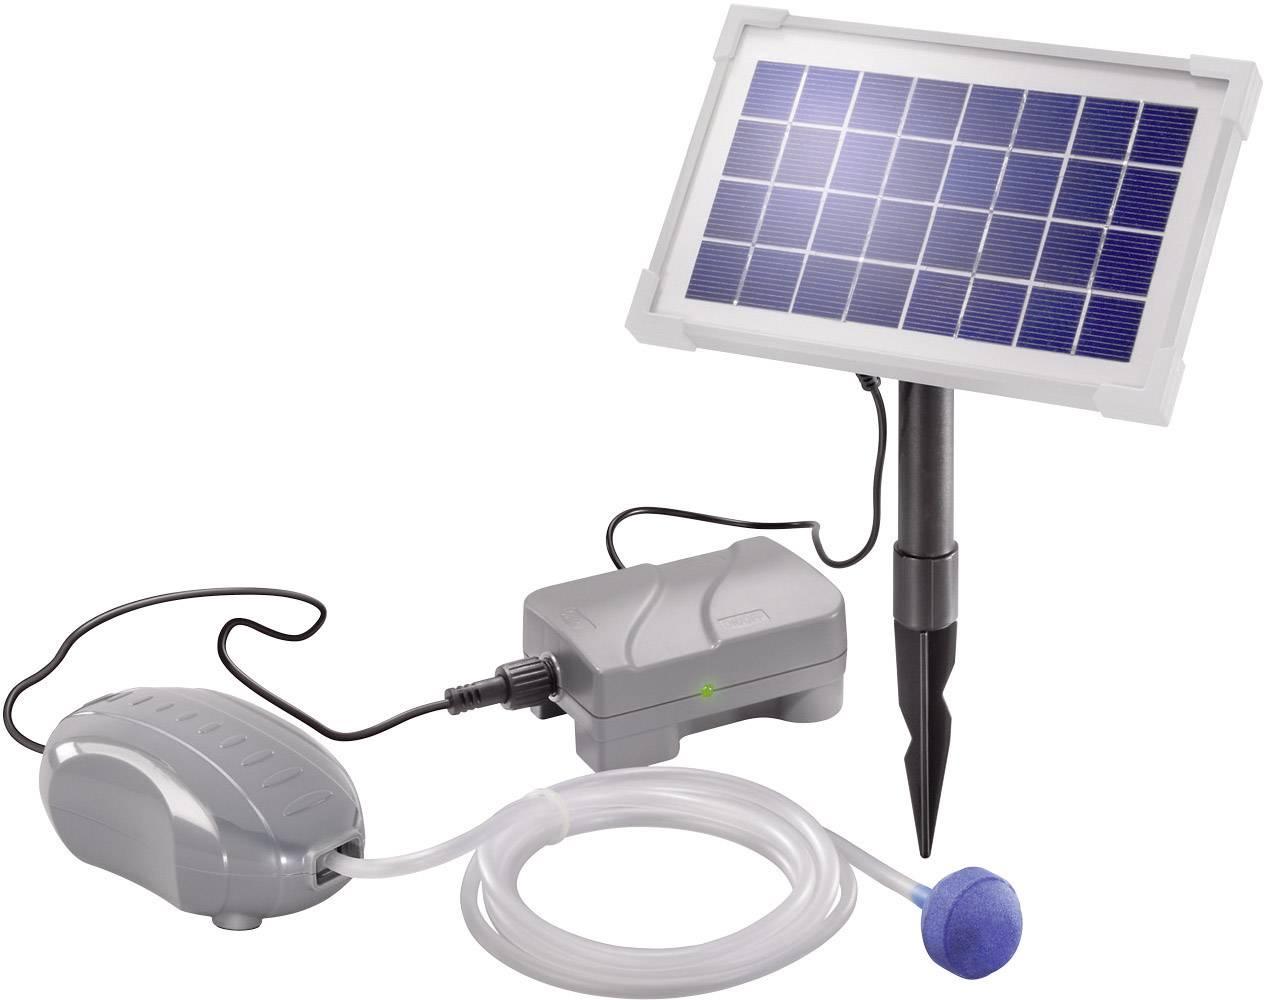 Solárny prevzdušňovač jazierka Esotec Solar Air-plus 101872, 120 l/h